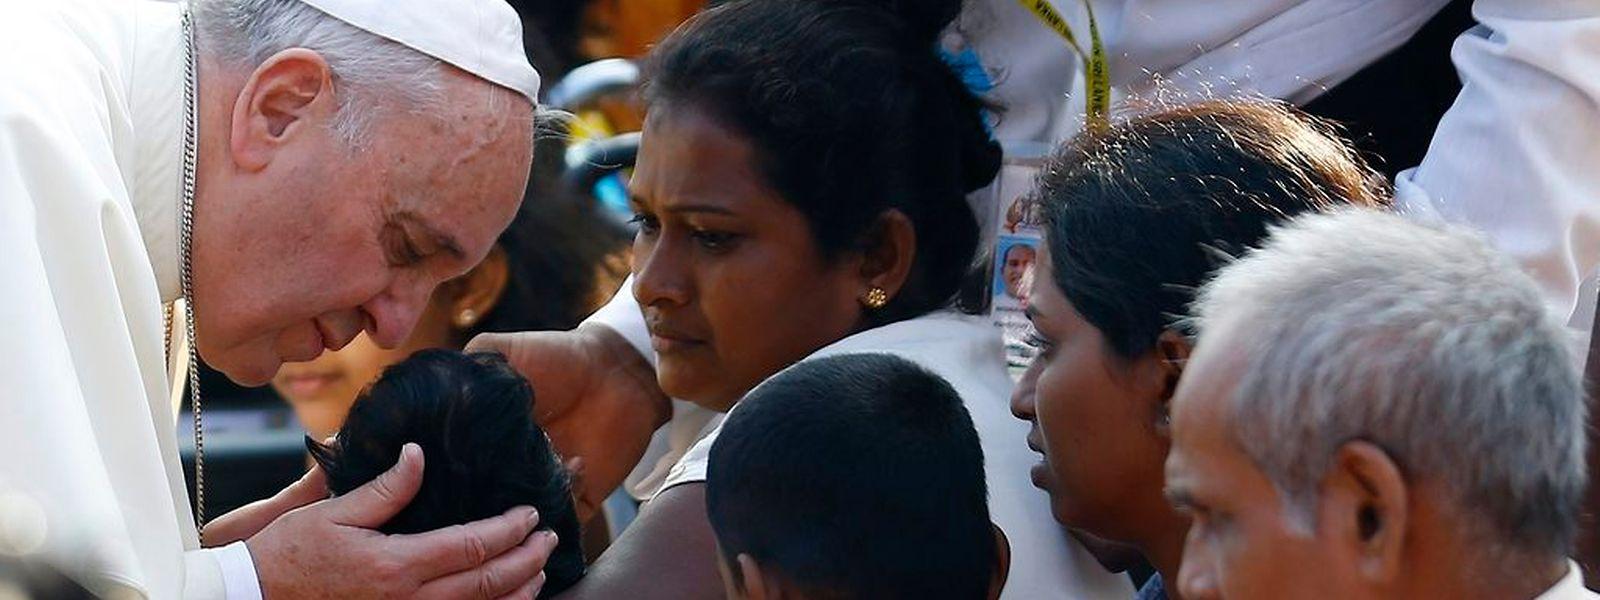 Das Kirchenoberhaupt suchte den intensiven Kontakt mit den Menschen.